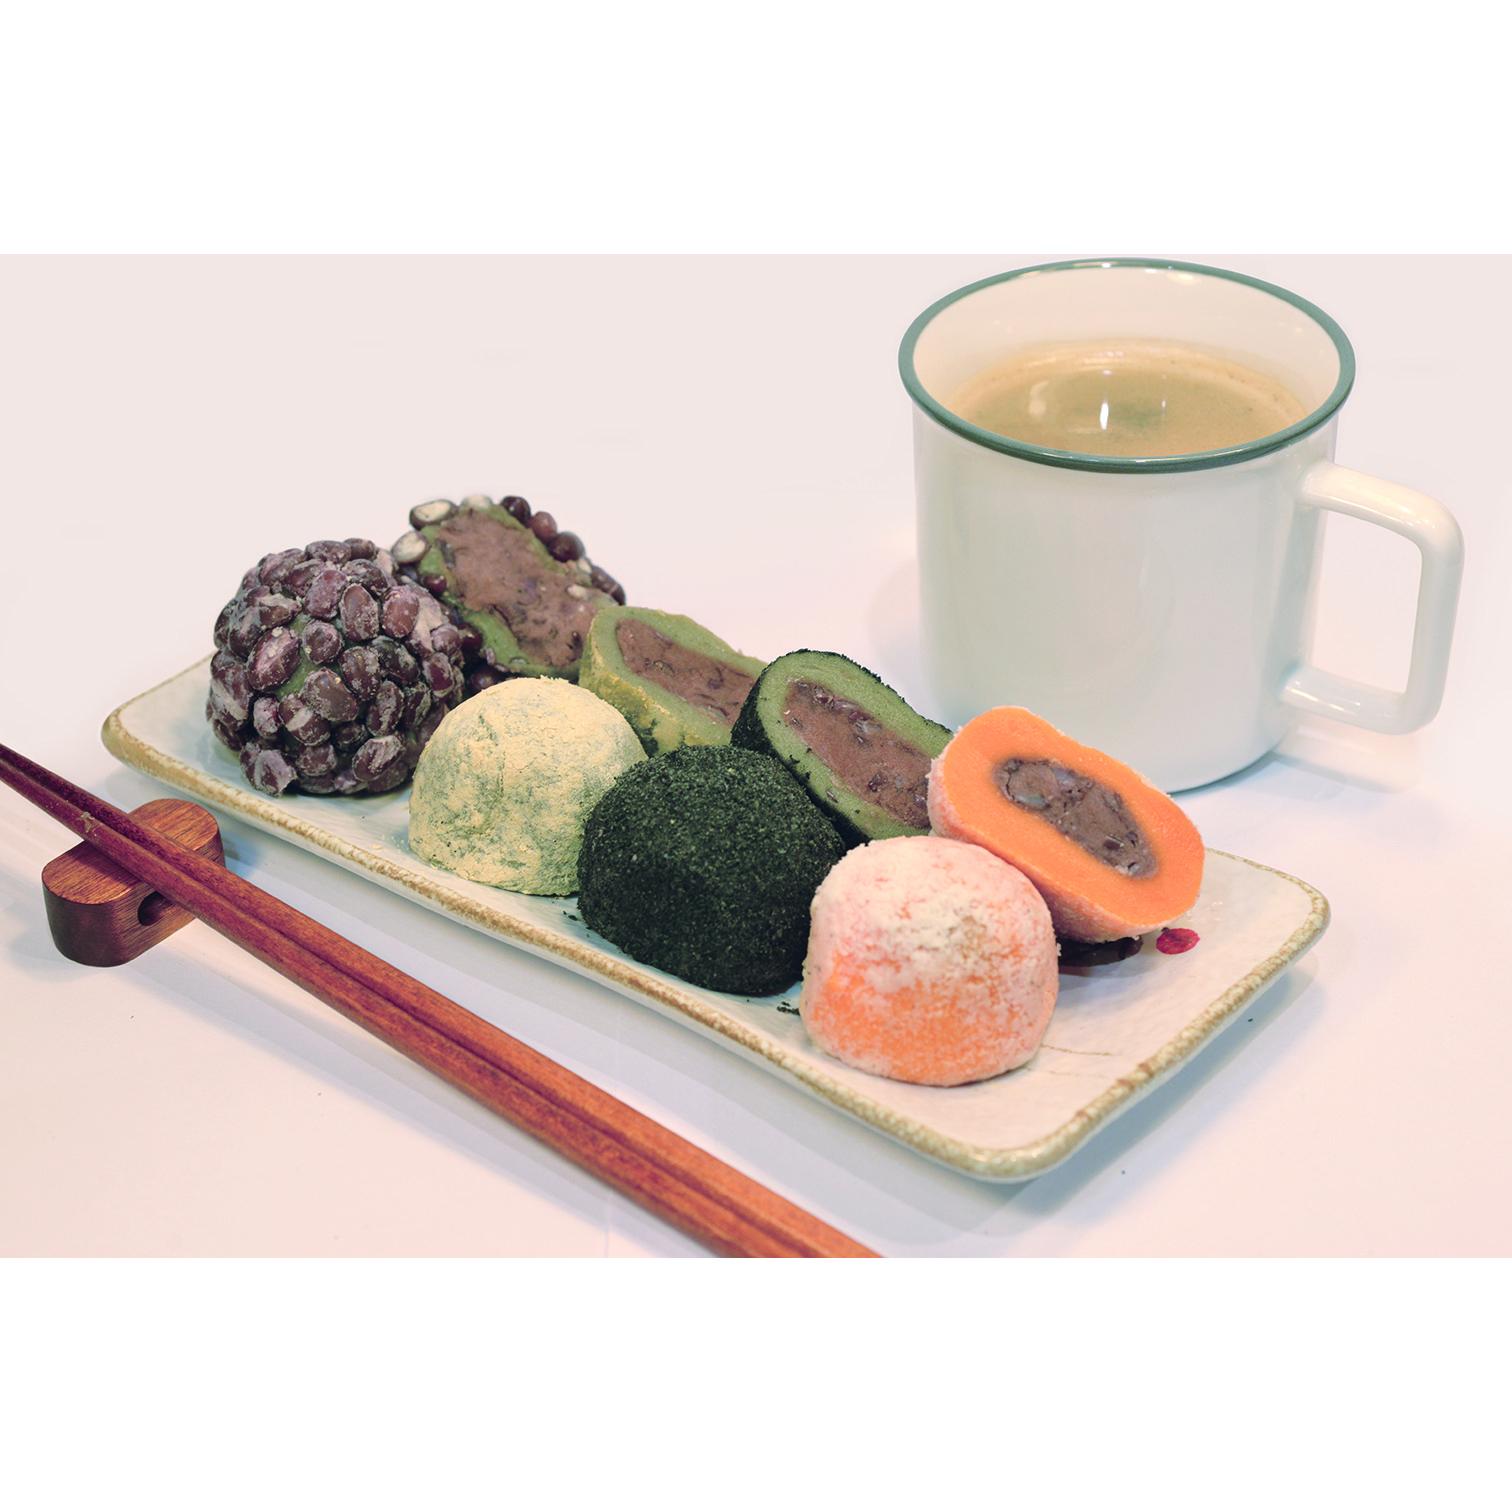 제주 수가성 오메기떡 혼합(통팥 흑임자 콩고물 감귤 견과류), 혼합 30개, 50g